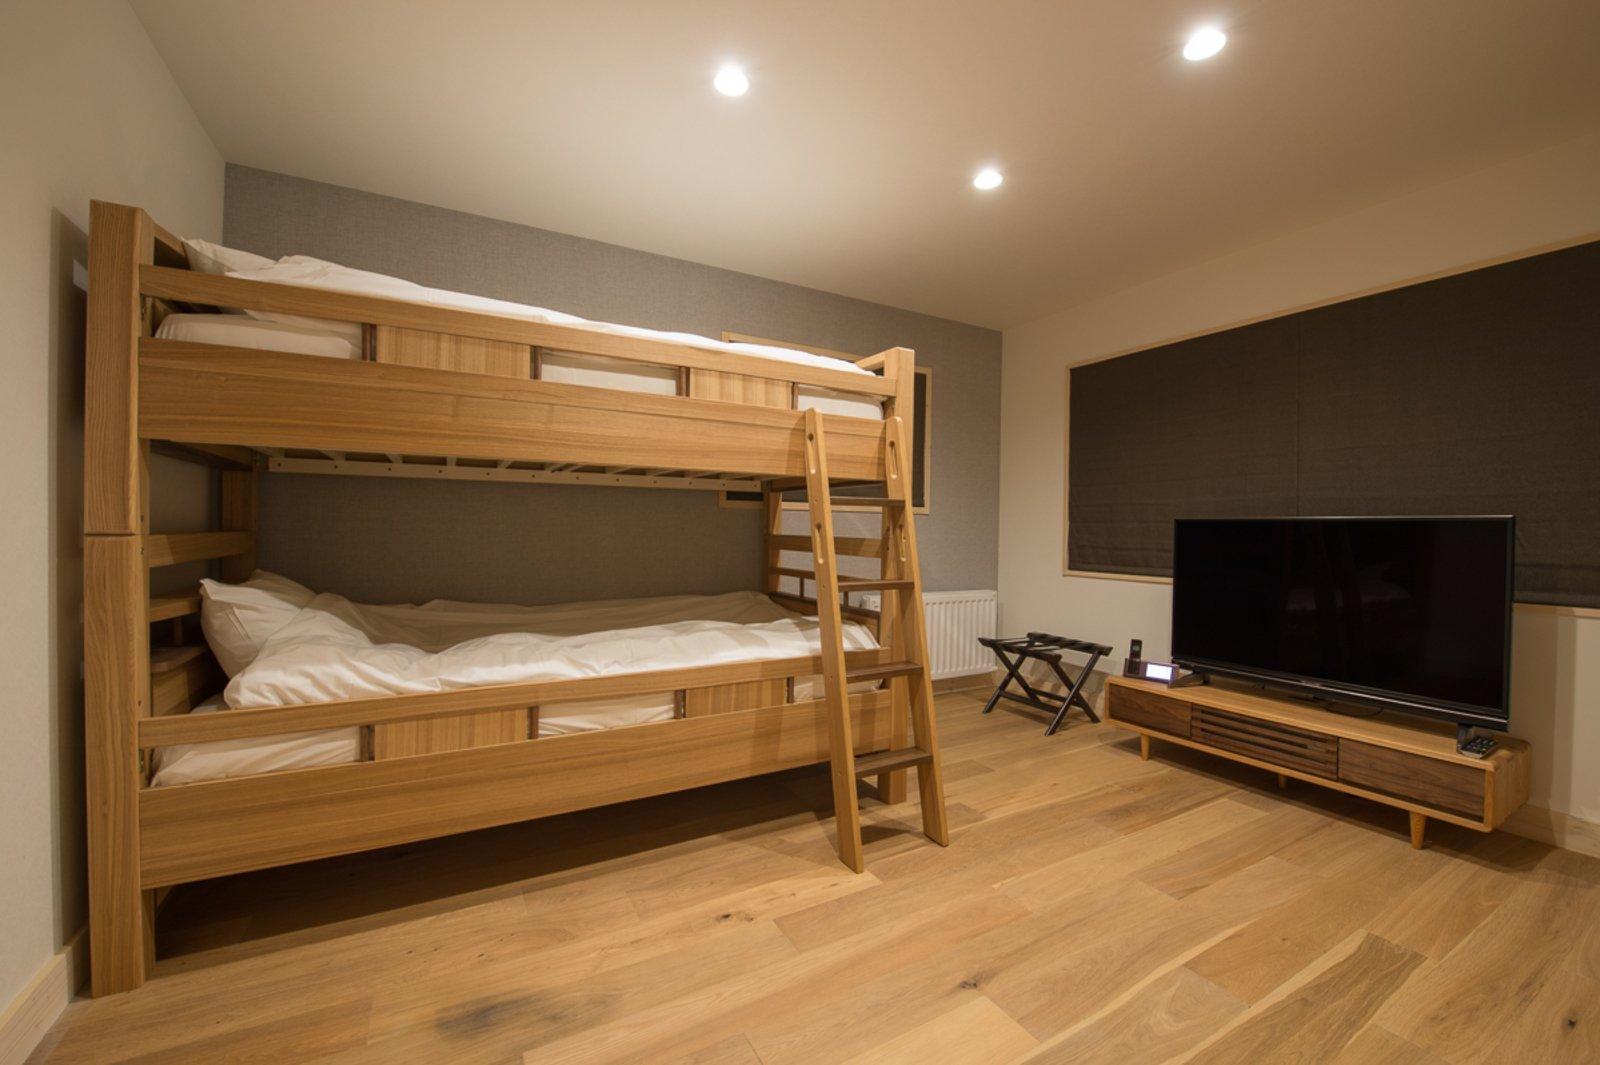 Koho niseko bunkbed room large